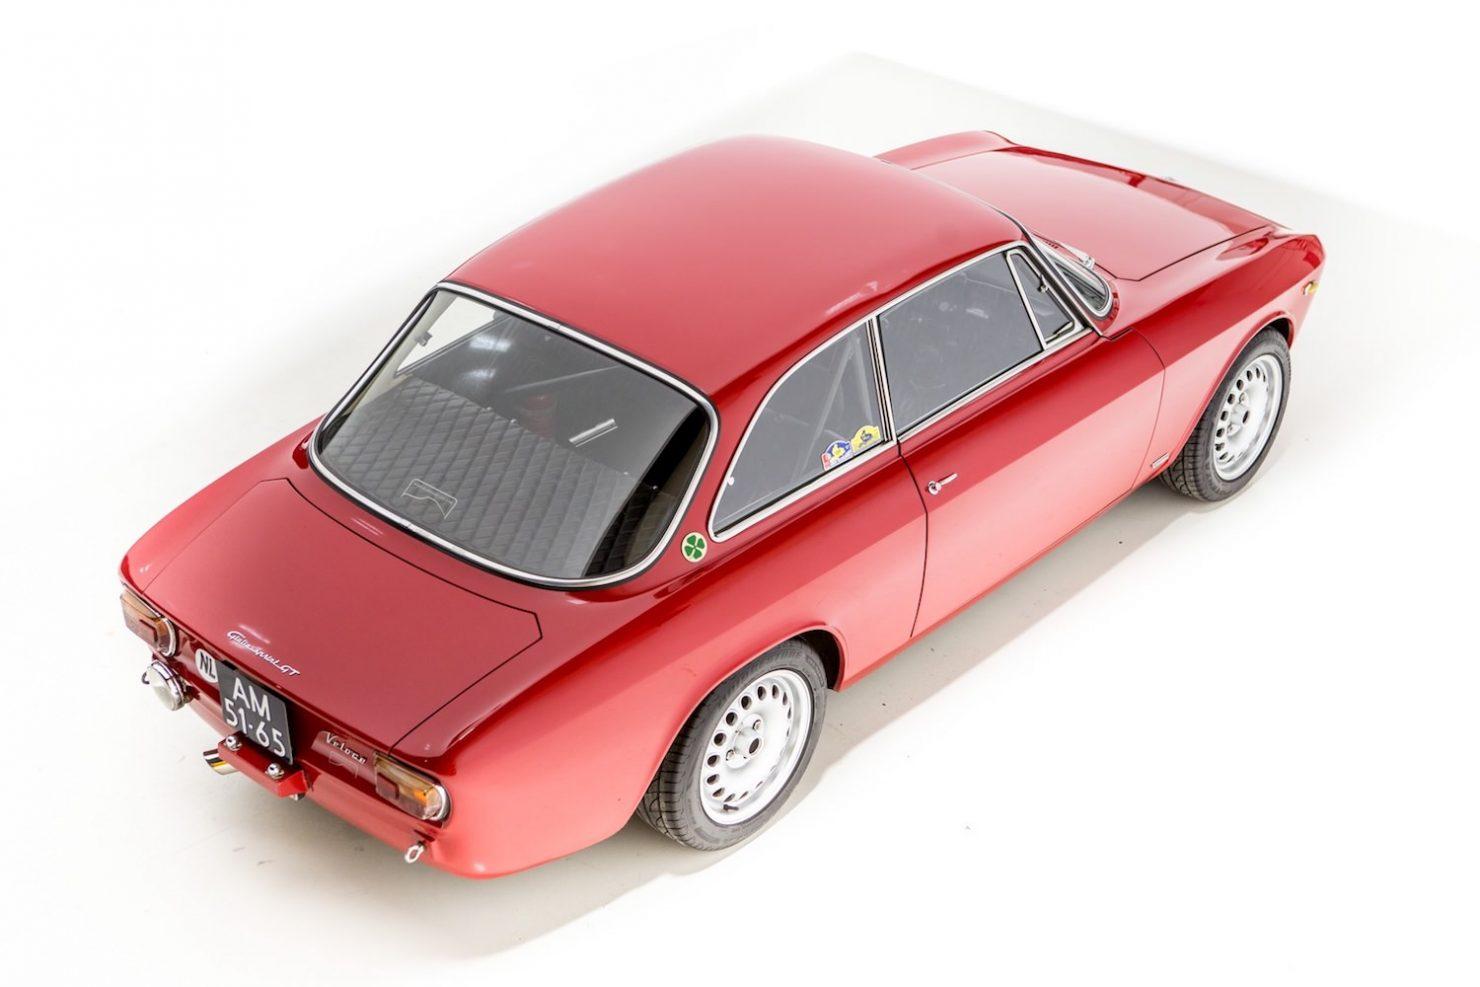 alfa romeo sprint gt veloce 23 1480x987 - 1967 Alfa Romeo Sprint GT Veloce